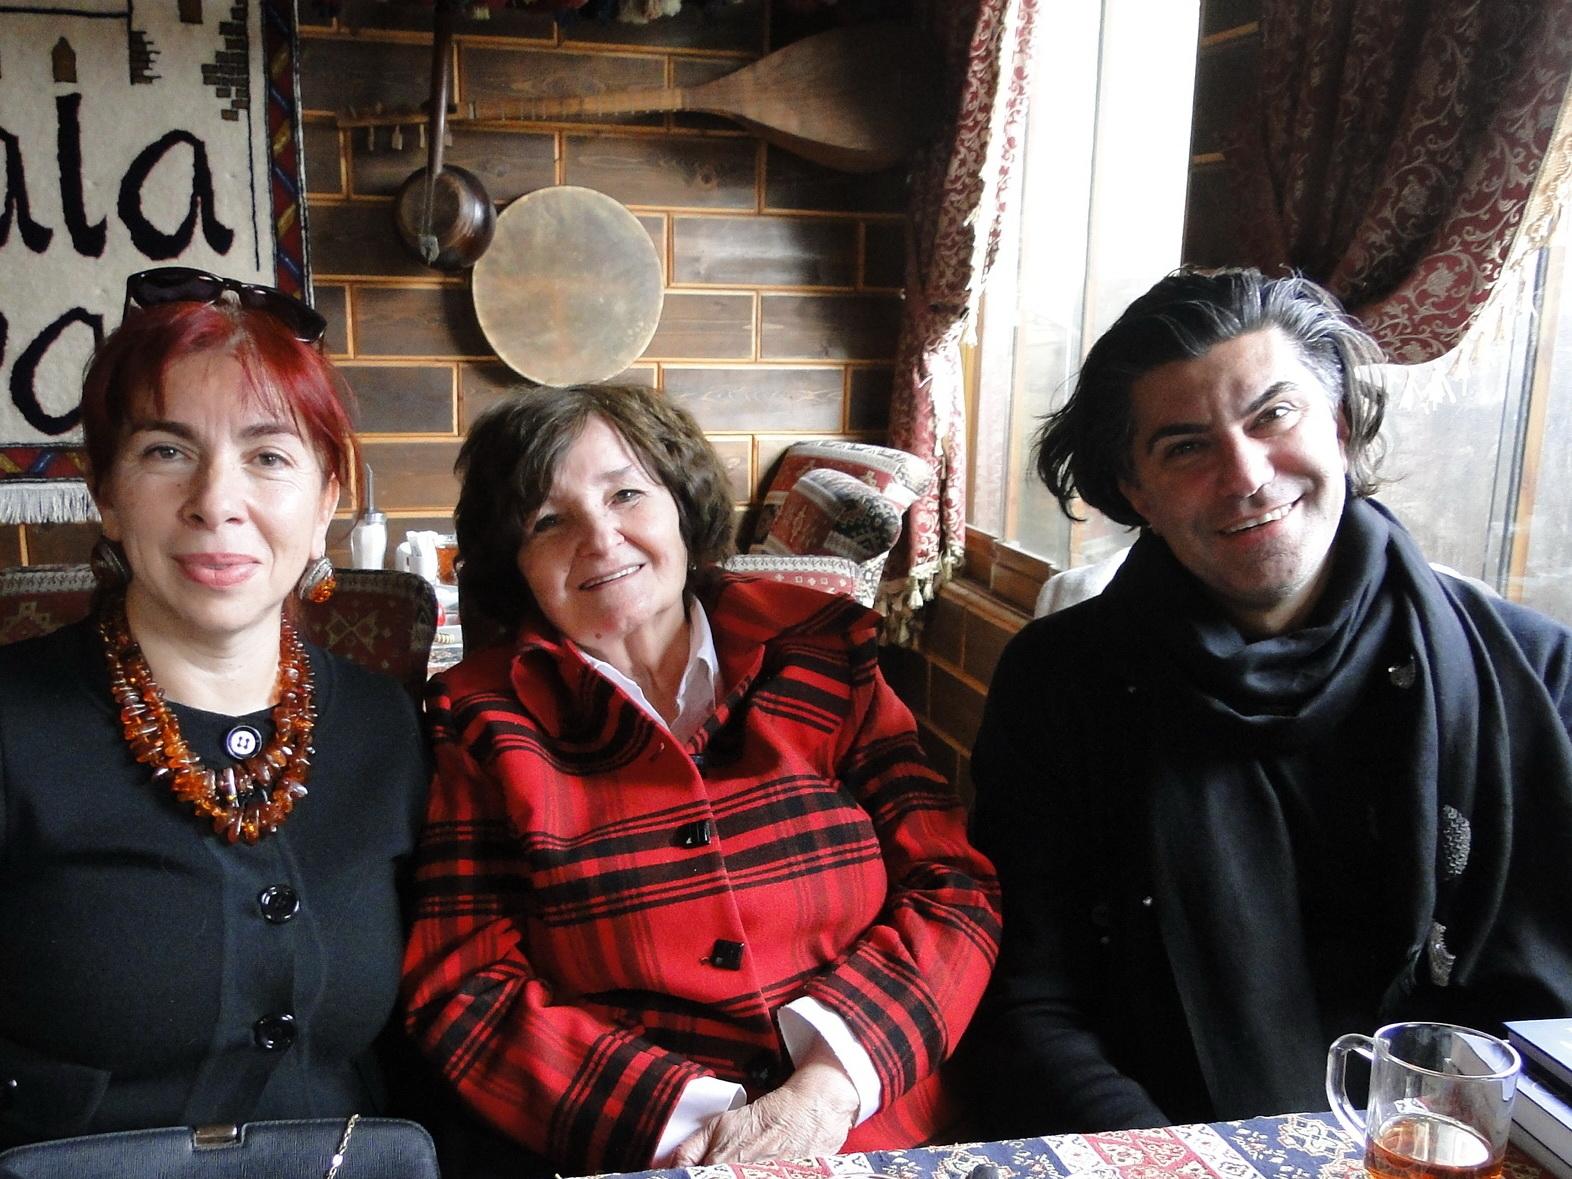 Завтрак с Николаем Цискаридзе в Ичери-шехер - ФОТО